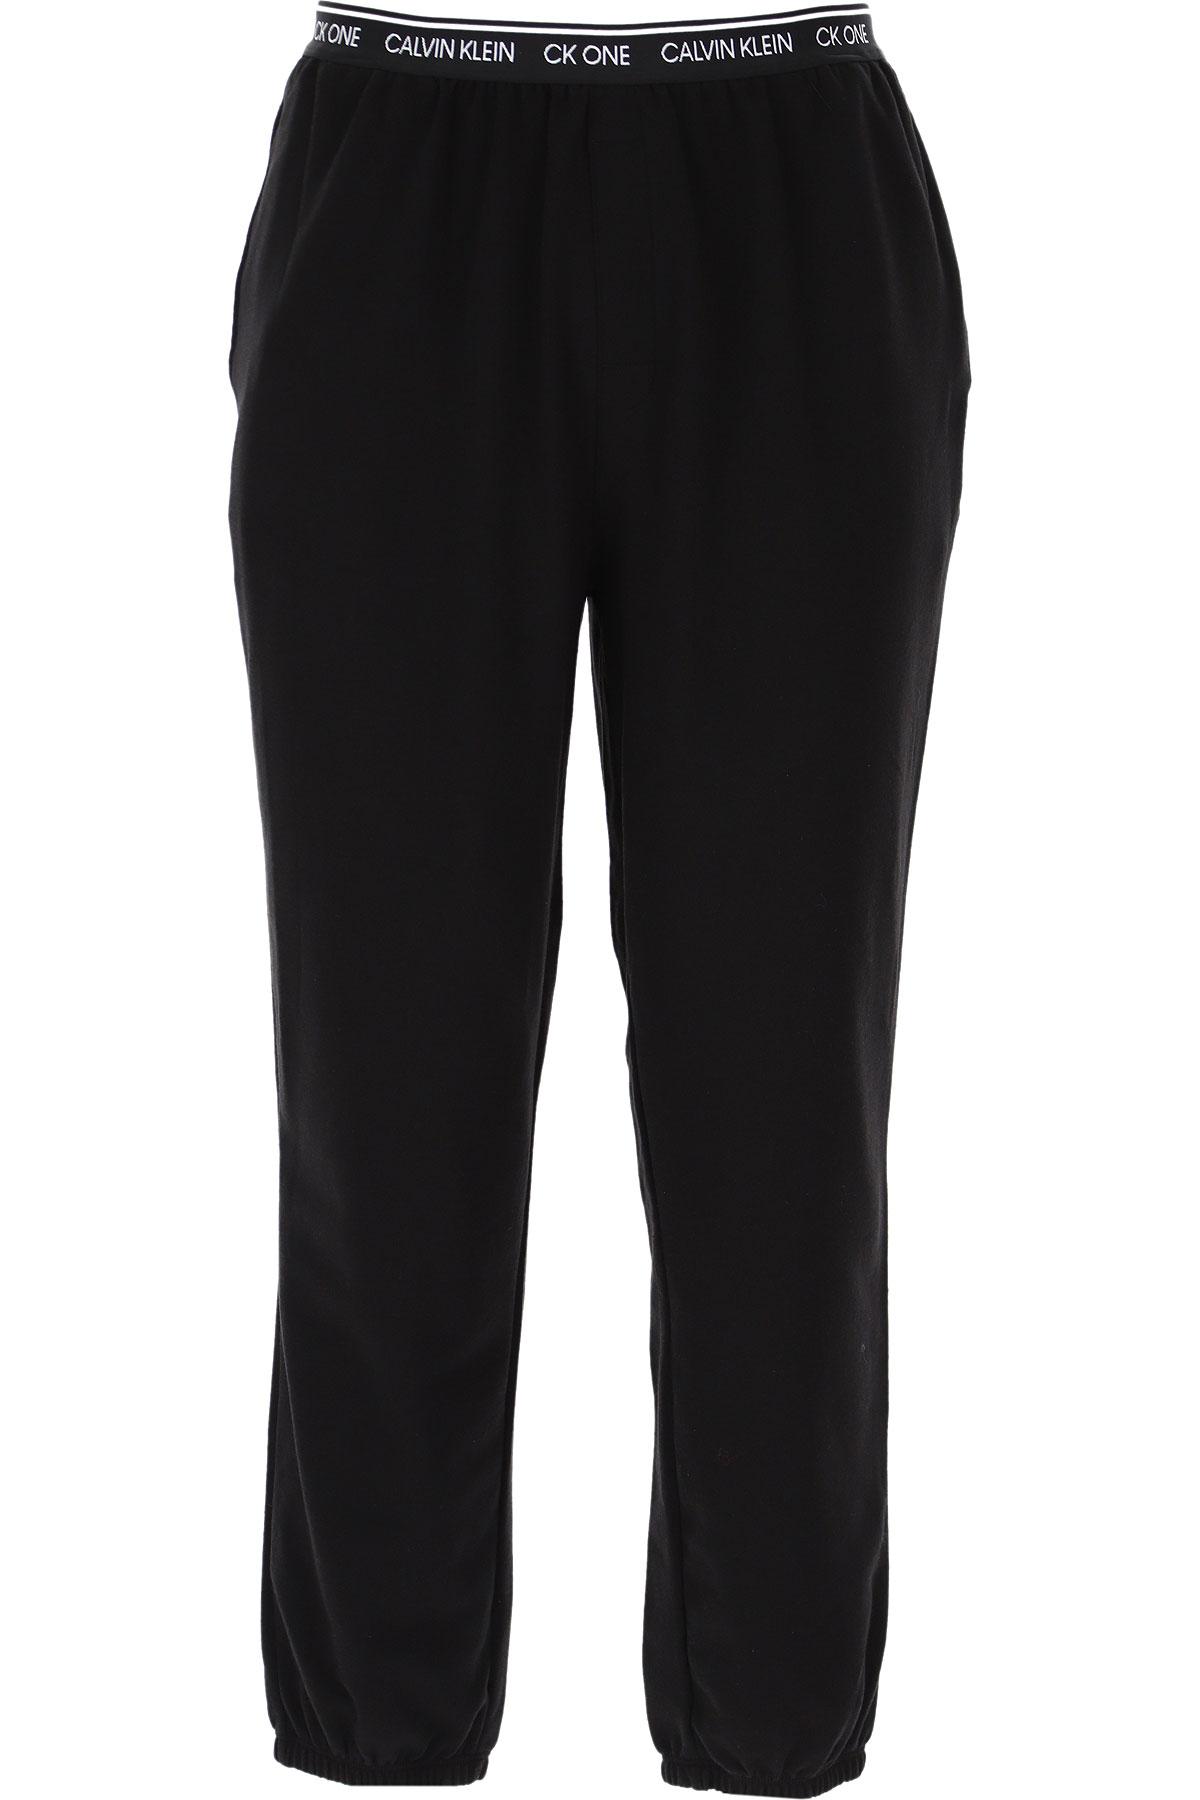 Calvin Klein Pajama for Men On Sale, Black, Cotton, 2019